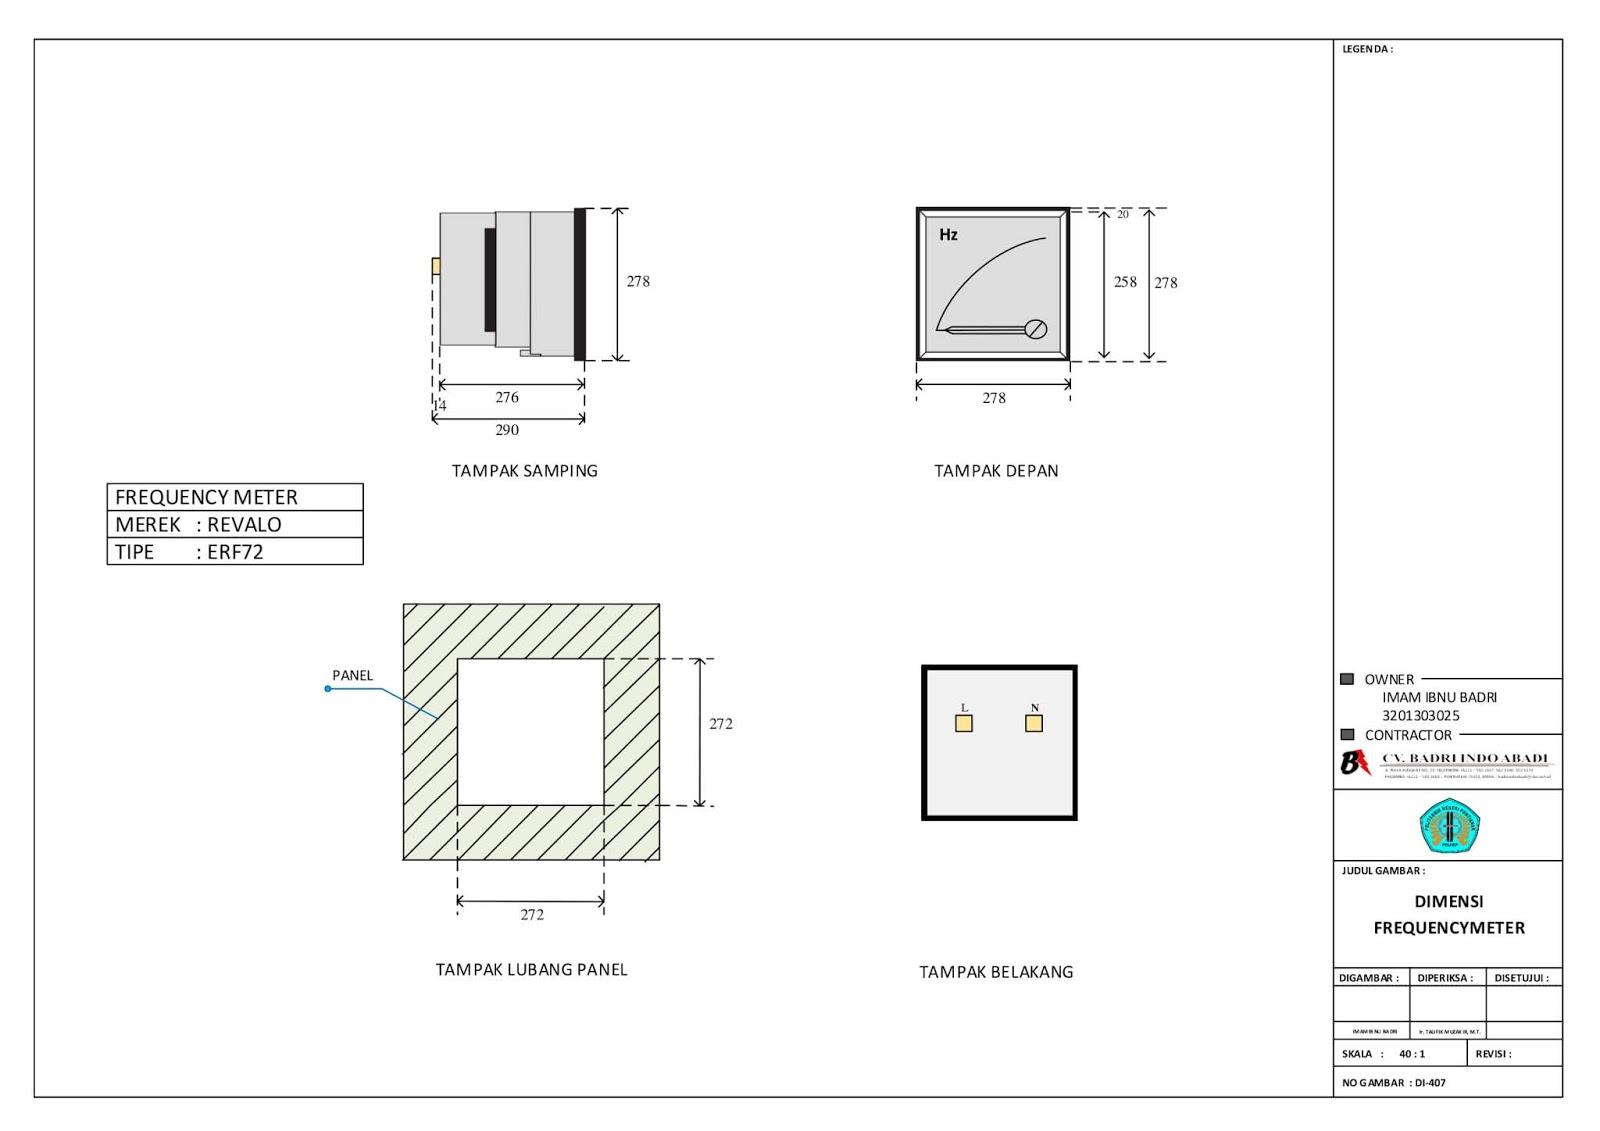 Gambar Dimensi Frequency Meter